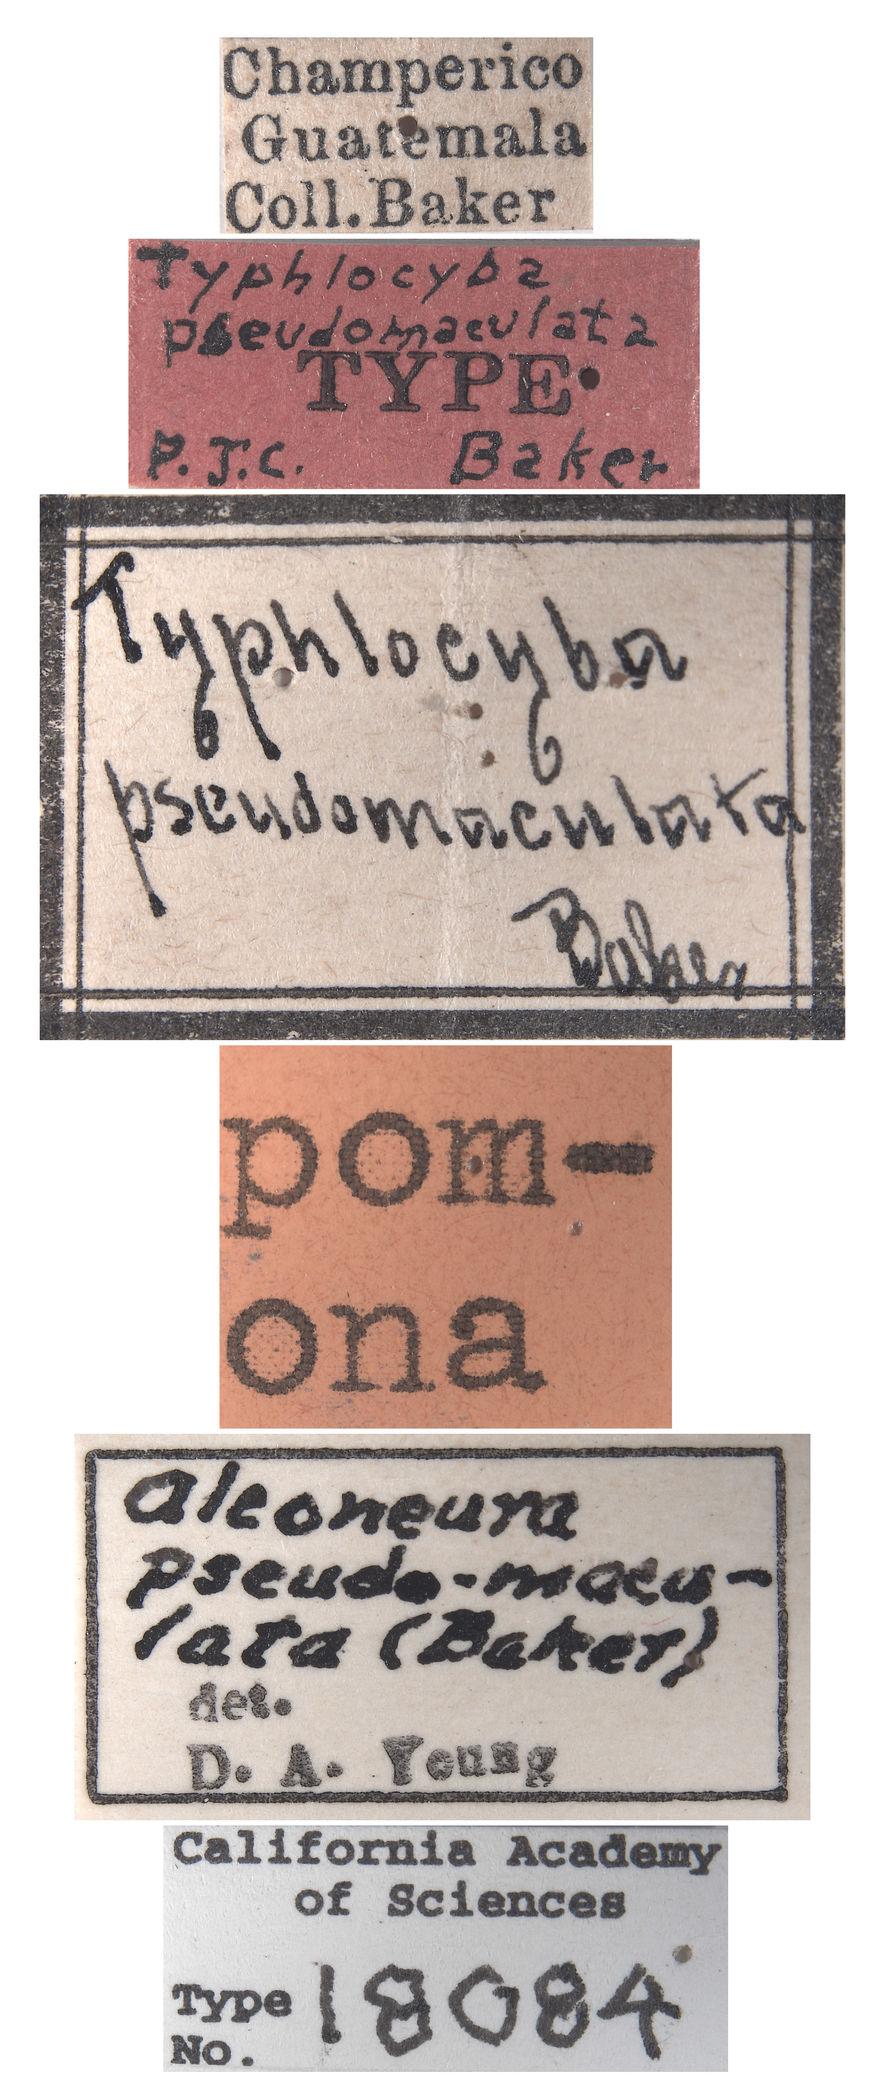 Typhlocyba pseudomaculata image